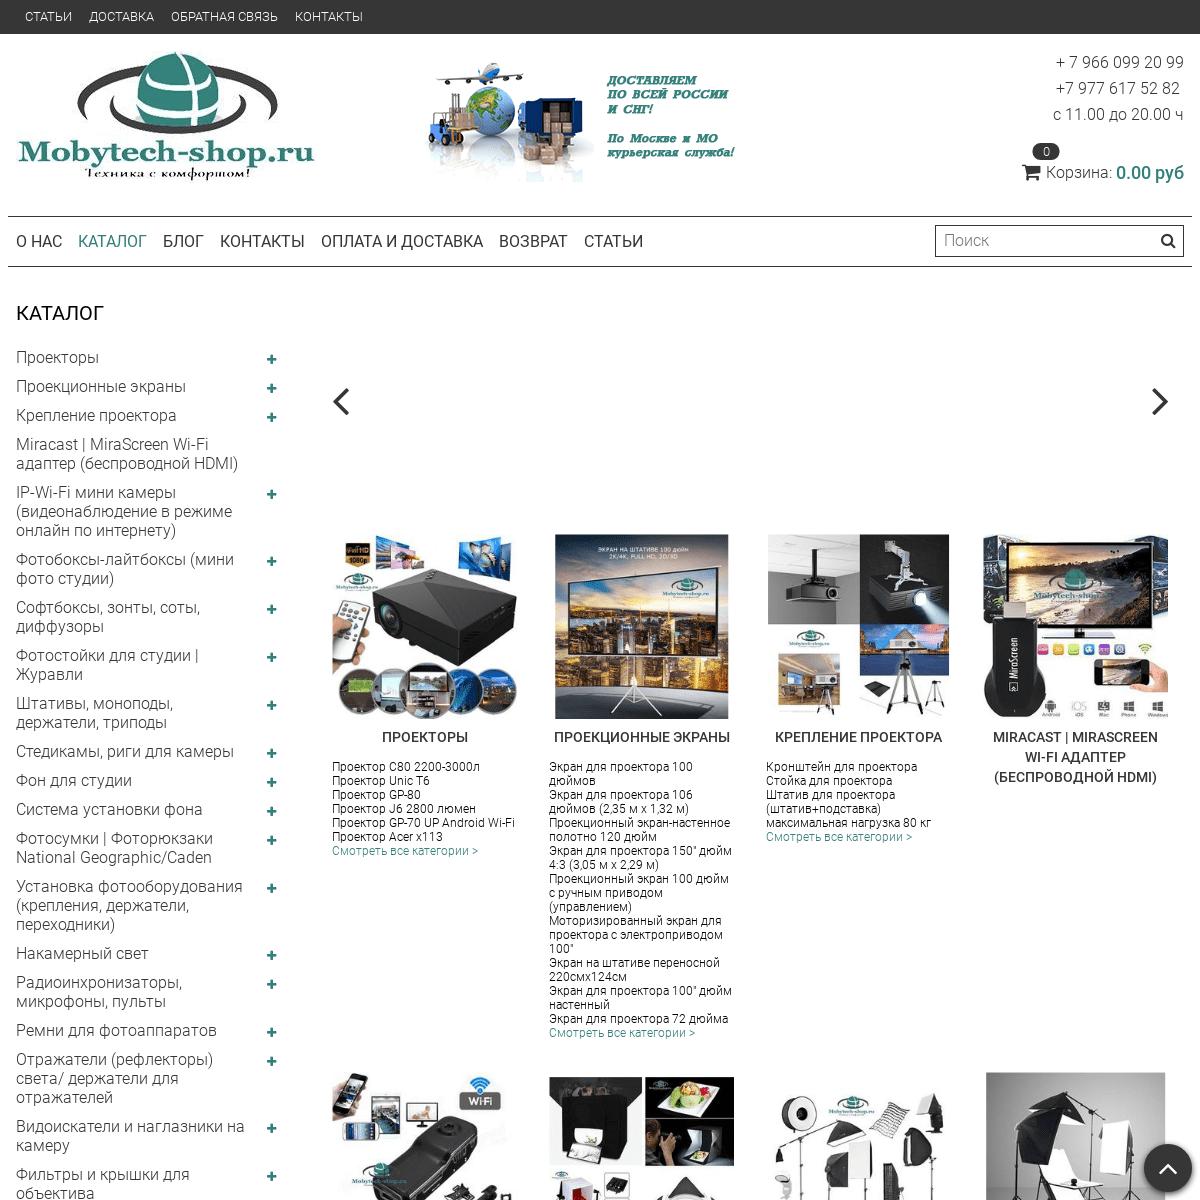 Mobytech-shop-техника с комфортом!